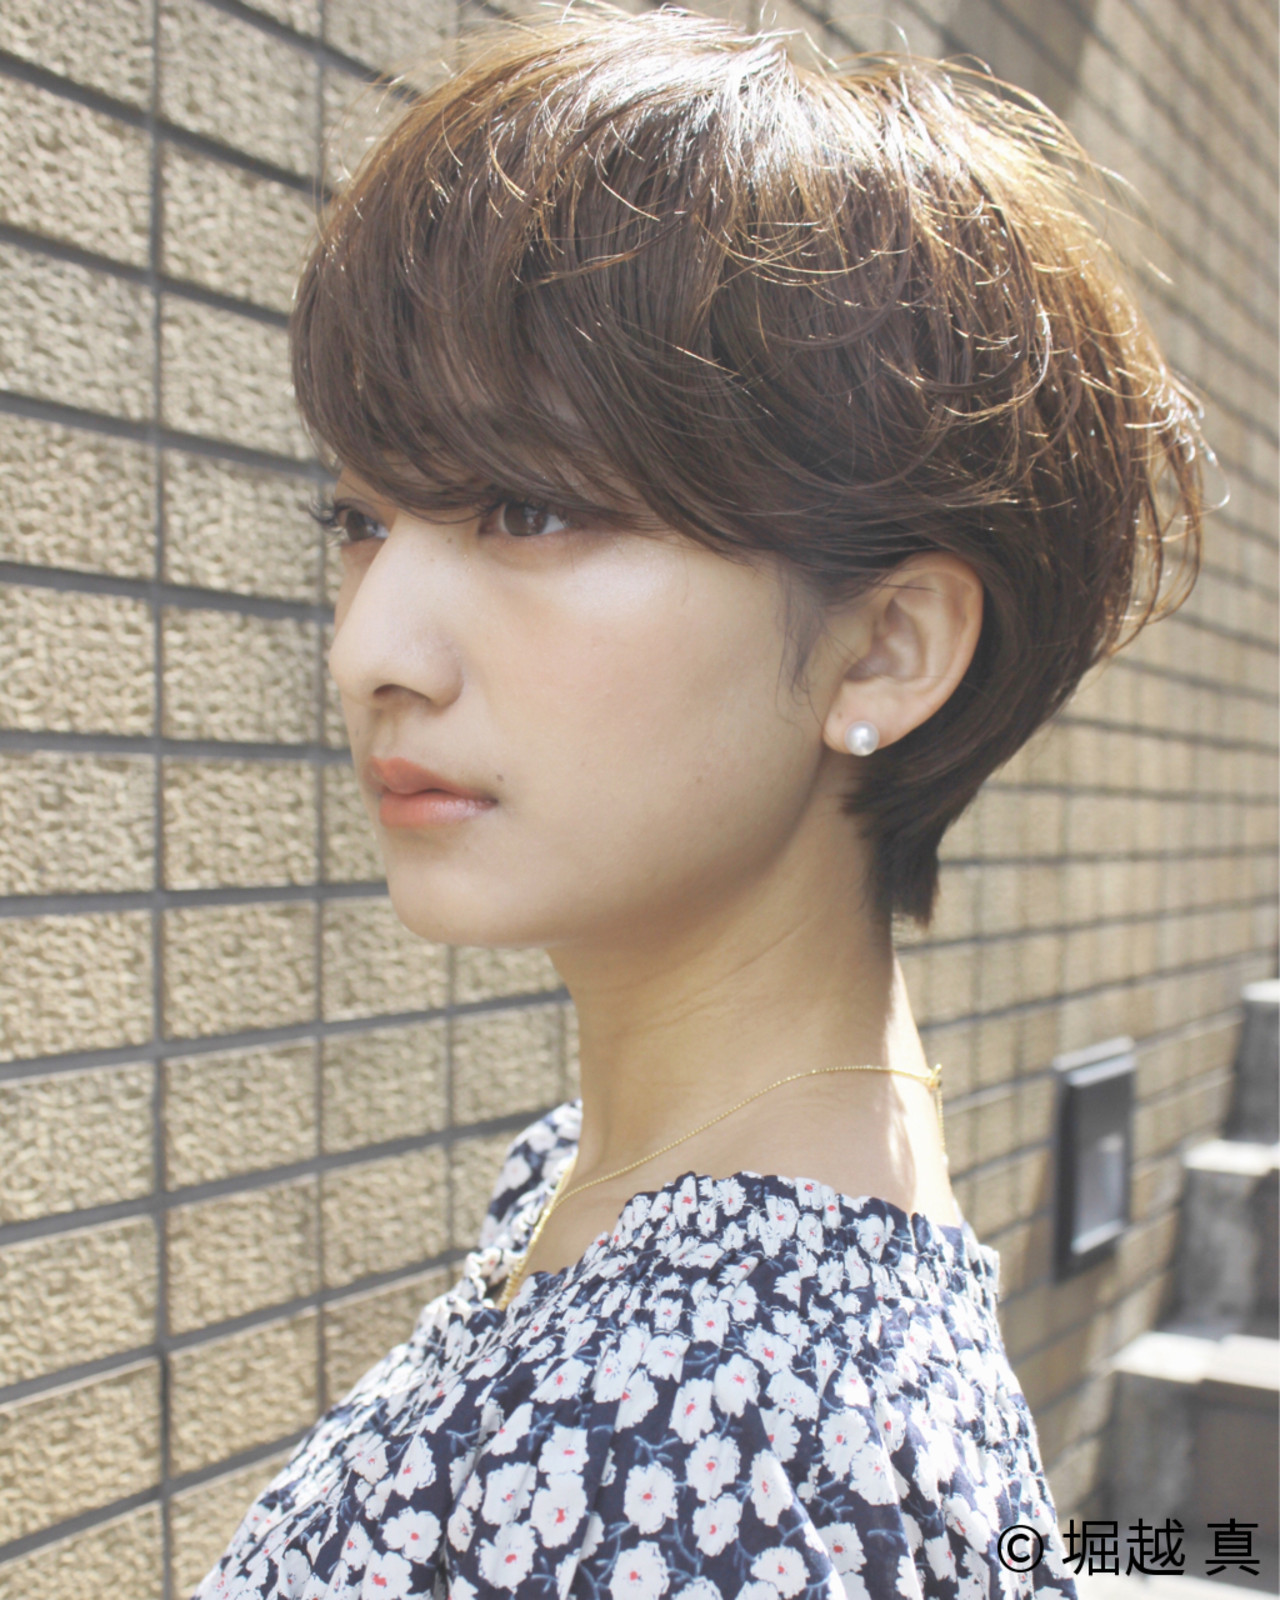 大人女子 ショートボブ ナチュラル アッシュ ヘアスタイルや髪型の写真・画像